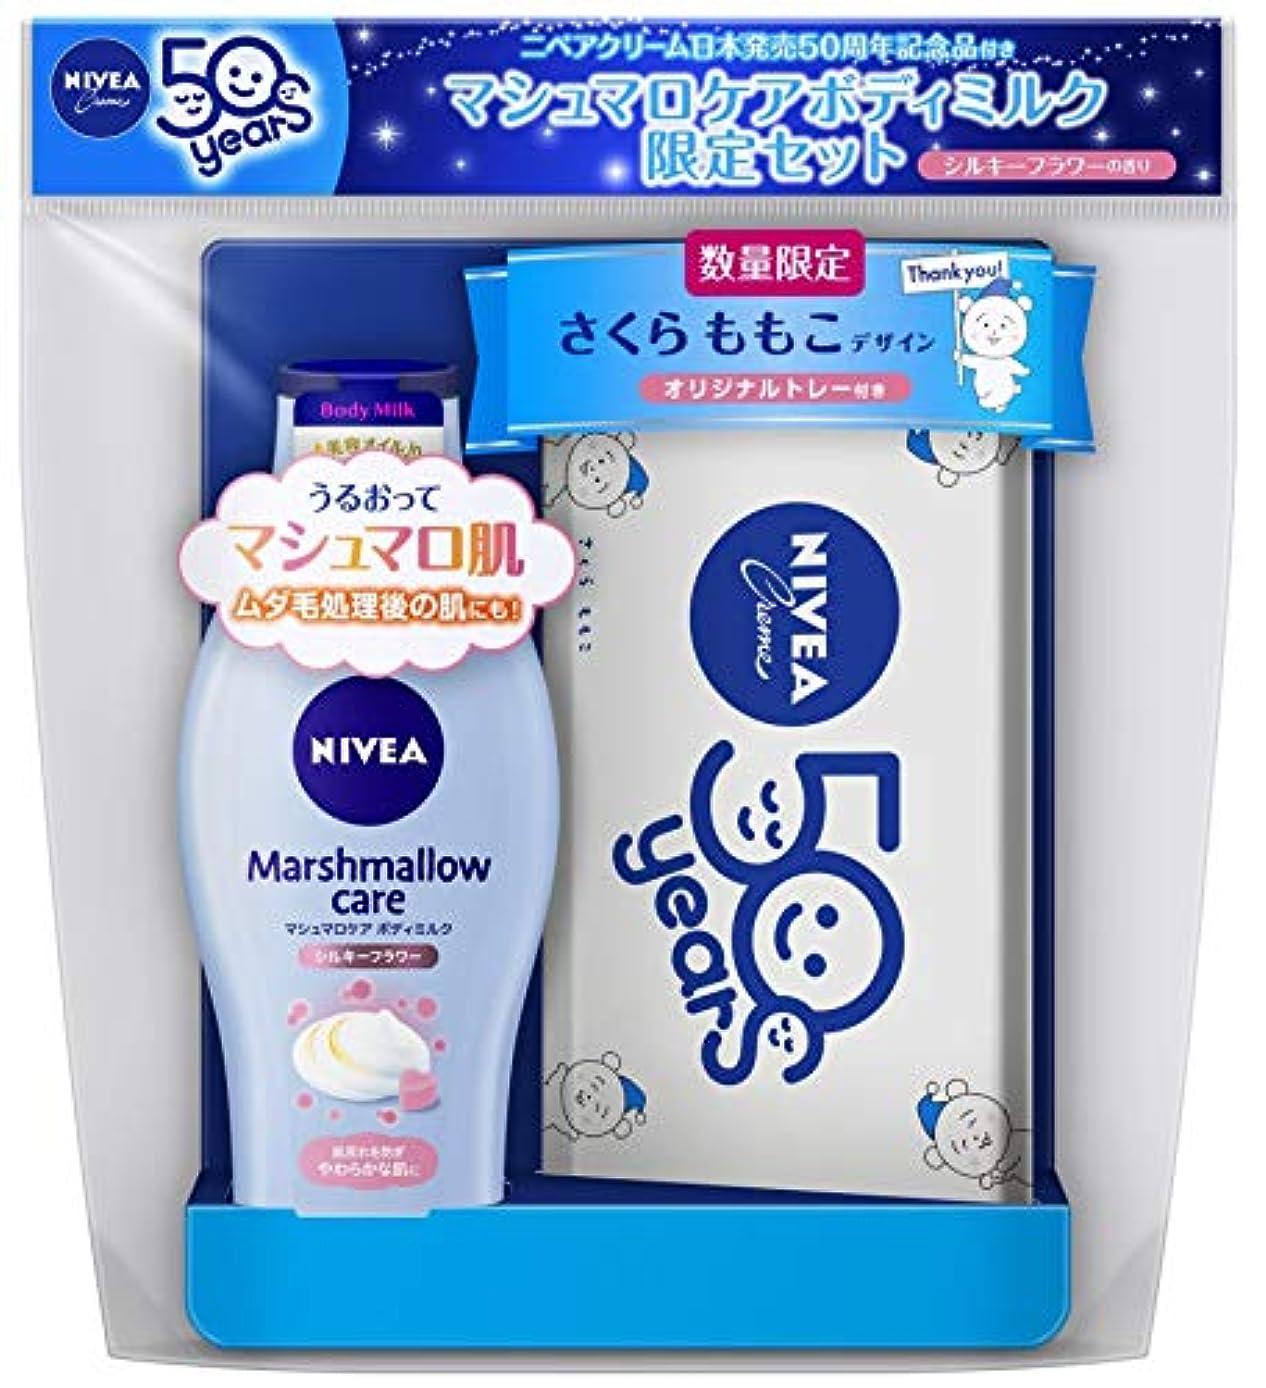 噂腰陰謀【数量限定】ニベア マシュマロケアボディミルク シルキーフラワーの香り+さくらももこデザインオリジナルトレー付き